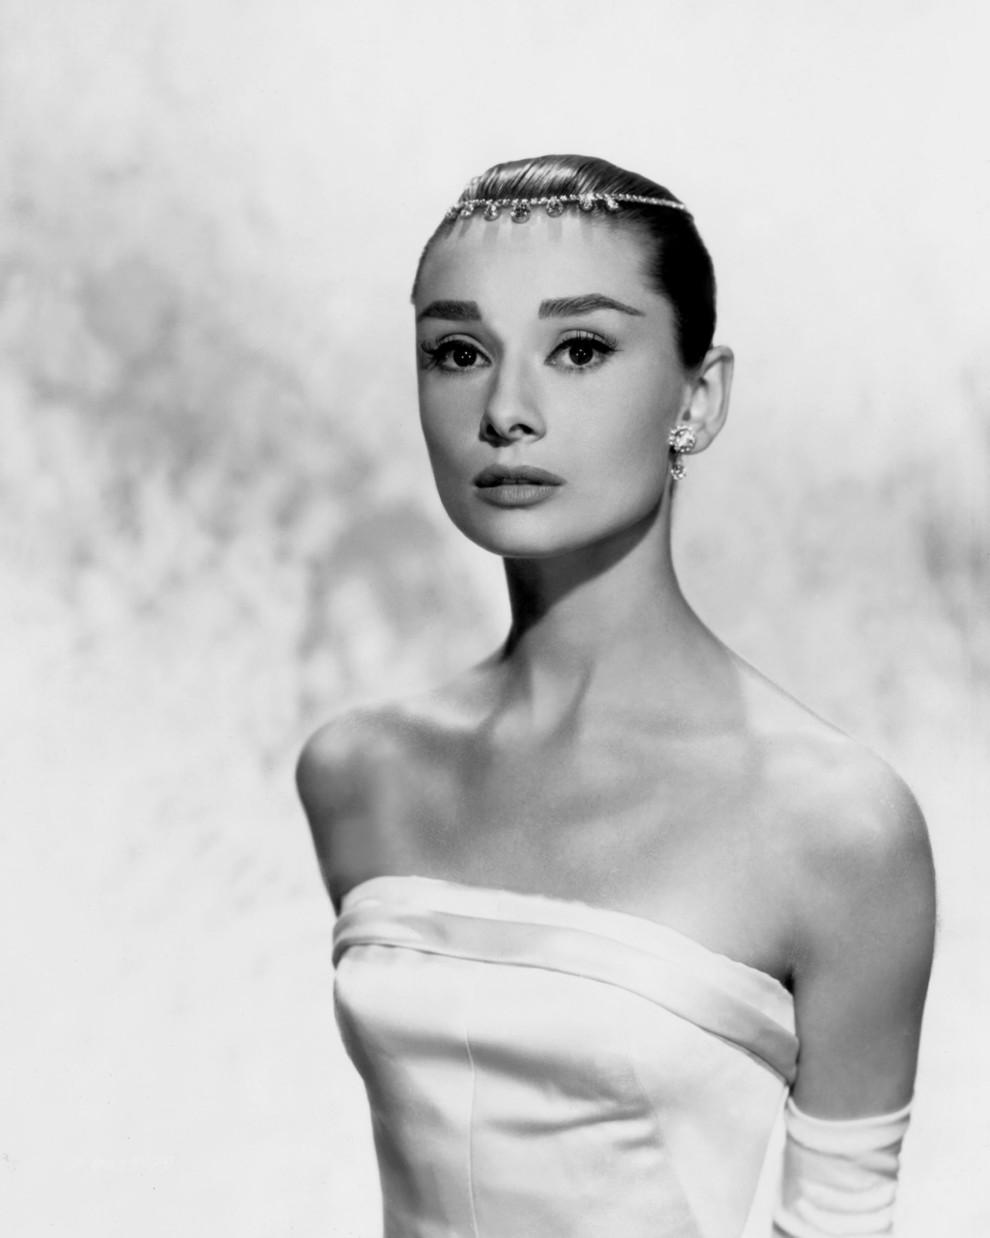 Икона красоты: лучшие бьюти-образы Одри Хепберн